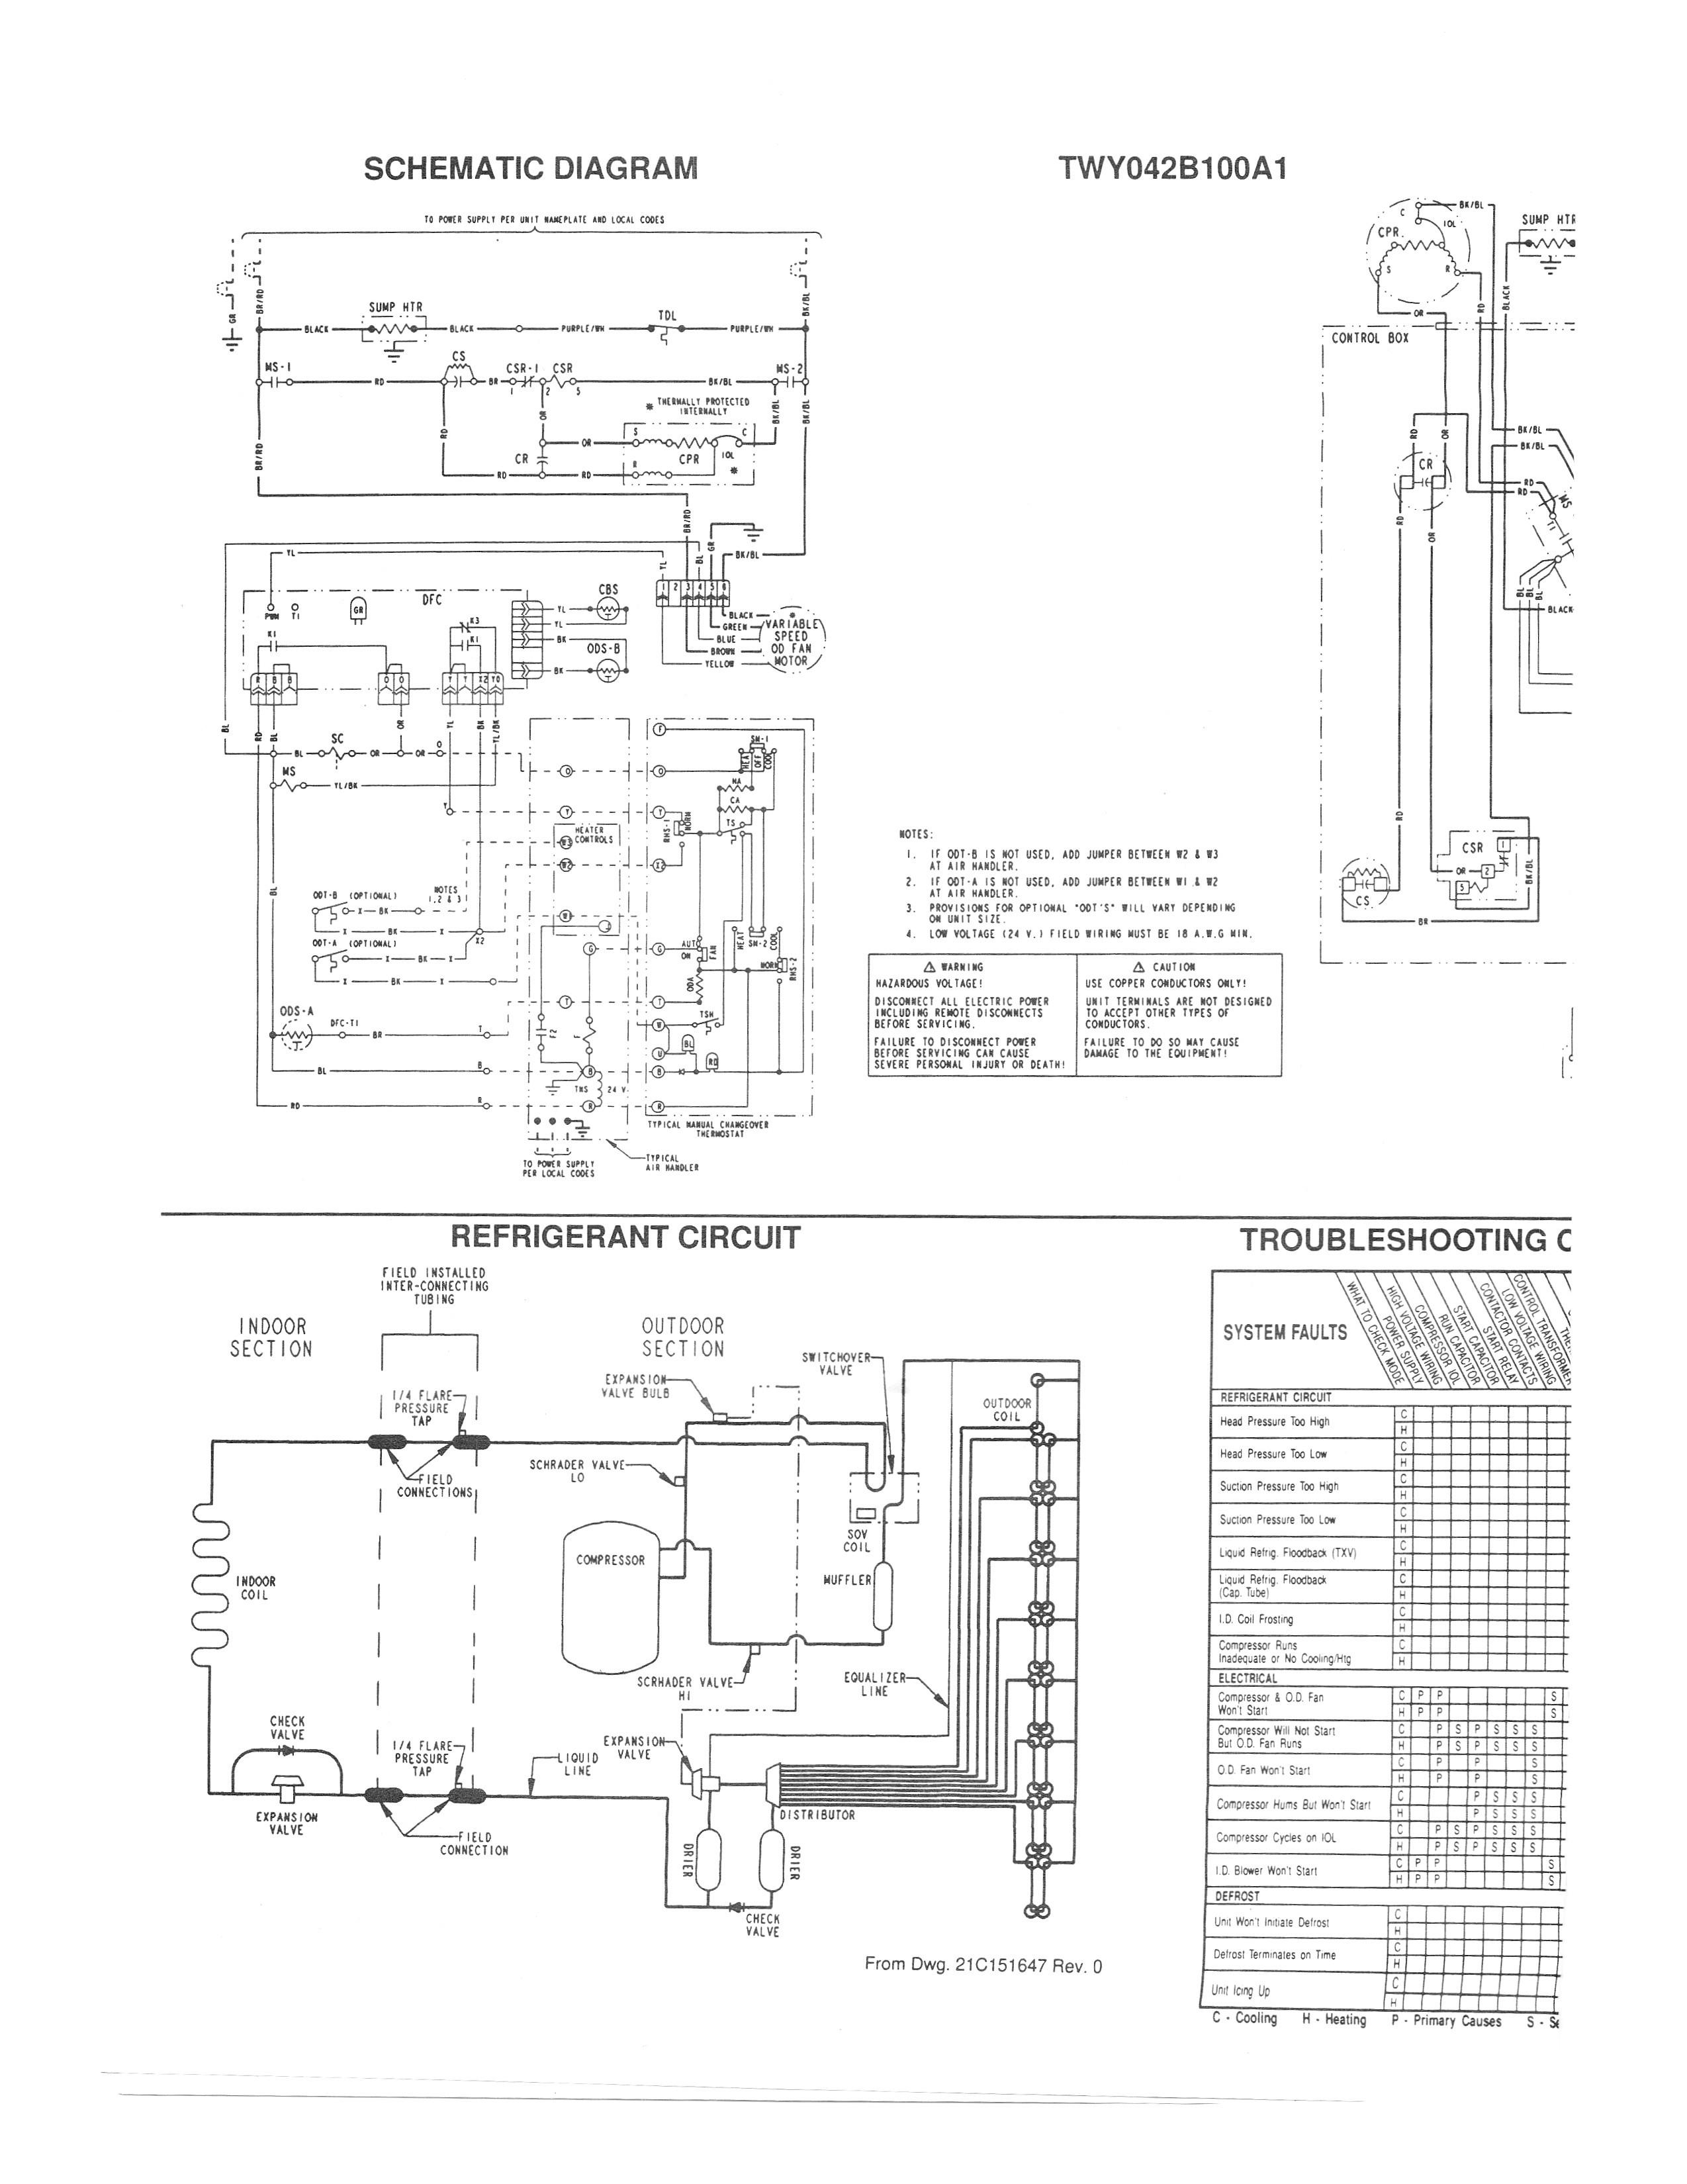 wiring diagram for hvac unit lenco trim tab switch trane heater gallery